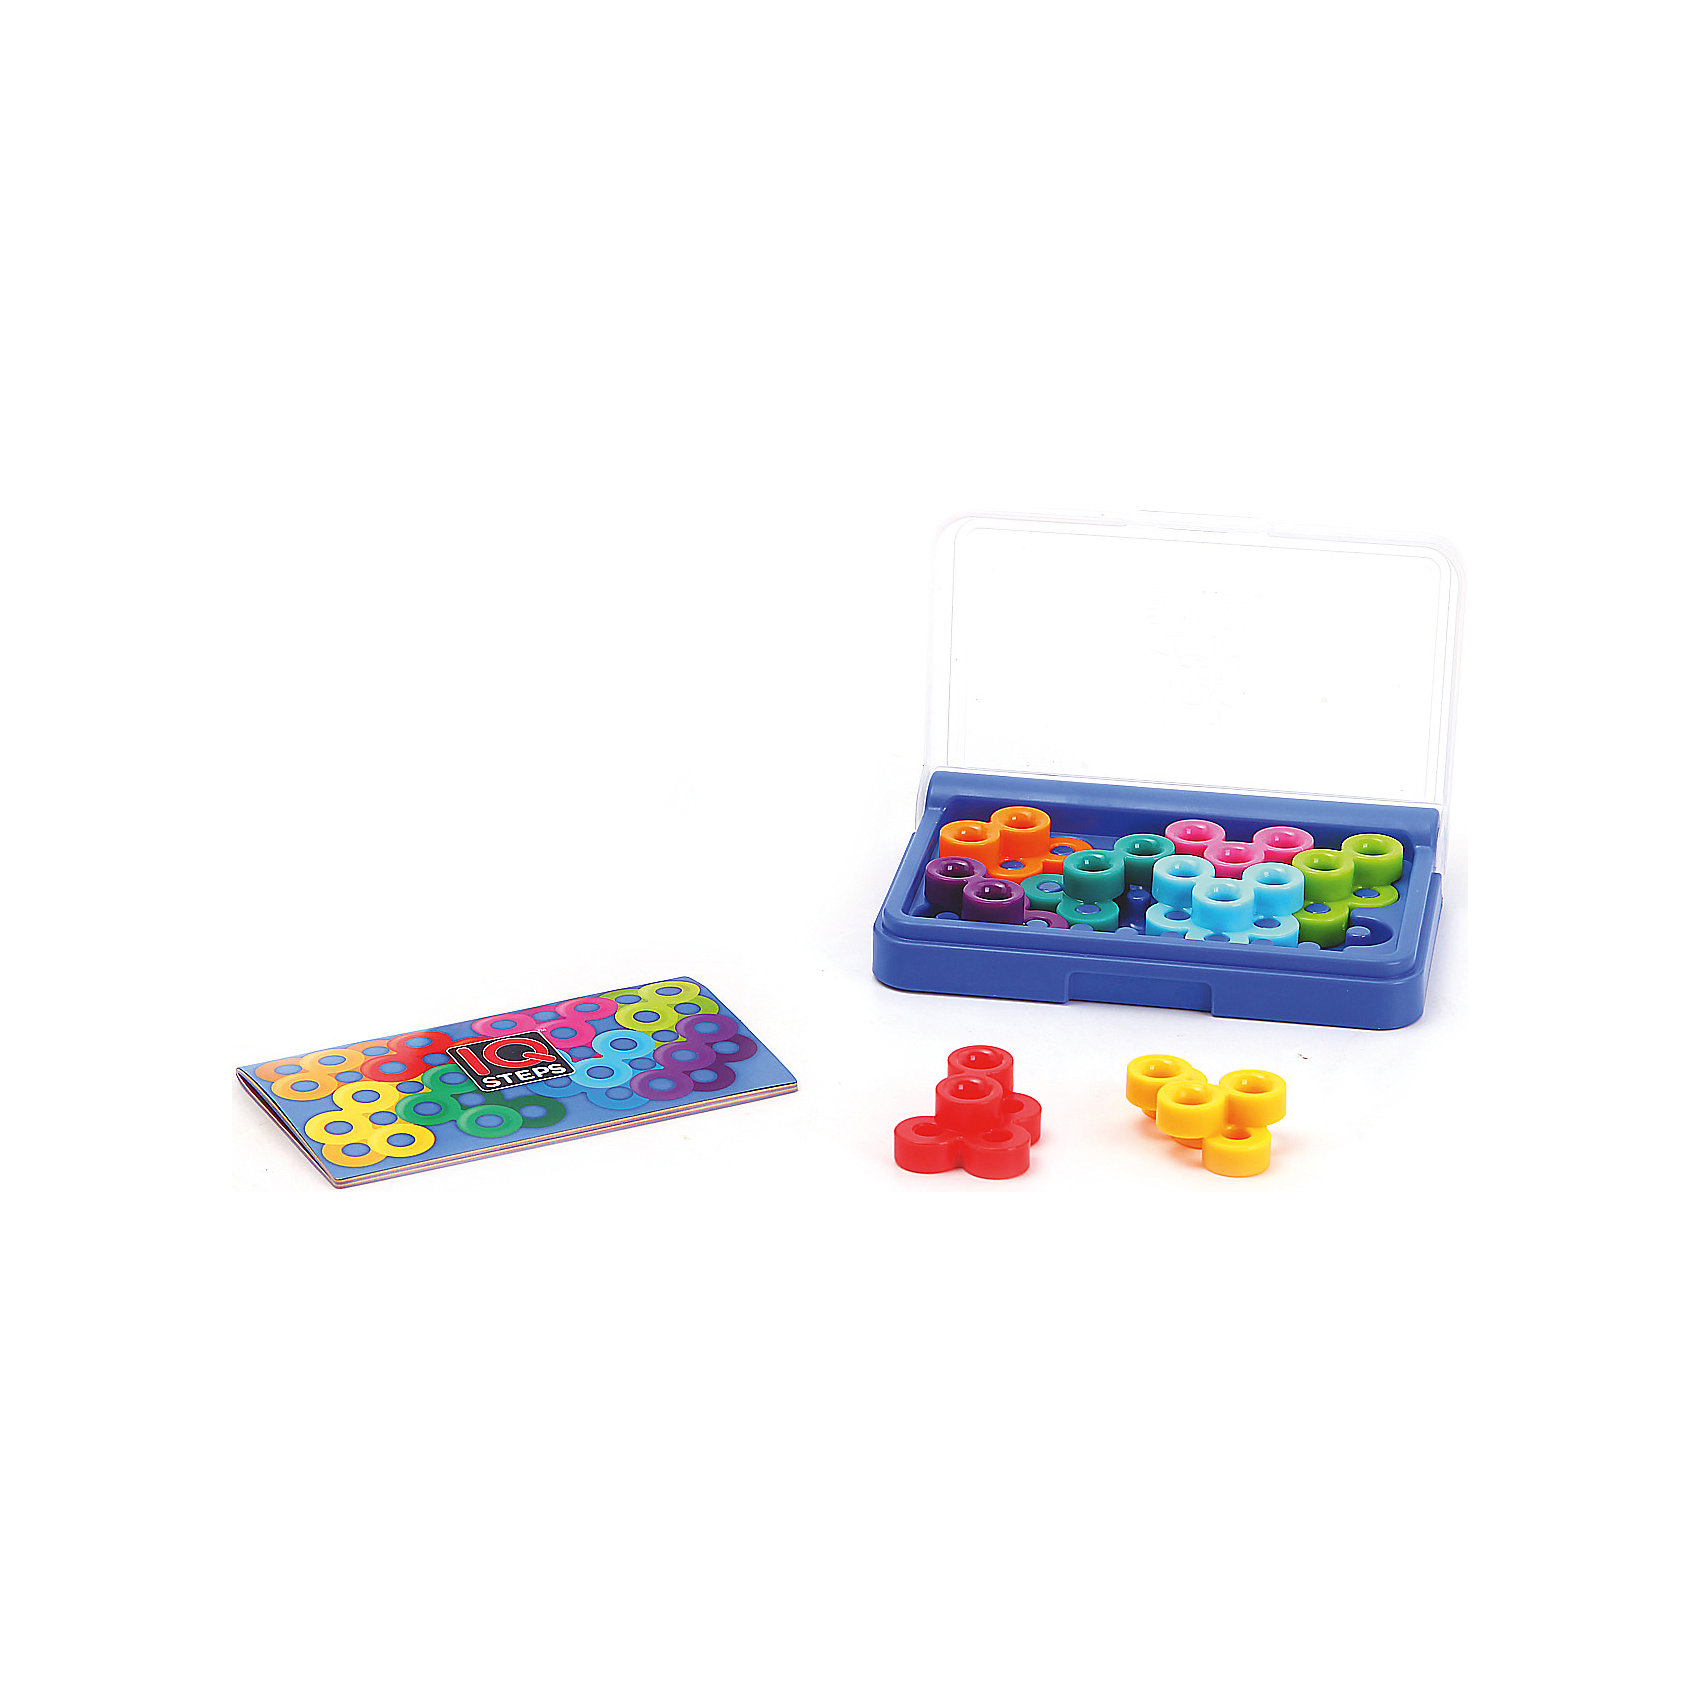 Логическая игра Iq-шаги, BondibonНастольные игры<br>Характеристики:<br><br>• Вид игр: карманная мини-игра<br>• Пол: универсальный<br>• Материал: пластик, бумага, картон<br>• Количество игроков: 1<br>• Количество уровней сложности: 5<br>• Количество заданий: 120<br>• Размер (Д*Ш*В): 14,3*2,5*9,5 см<br>• Вес: 190 г<br>• Комплектация: игровое поле, 8 разноцветных деталей, блокнот с заданиями и ответами, инструкция<br><br>Логическая игра Iq-шаги, Bondibon – это настольная игра от всемирно известного производителя детских игр развивающей и обучающей направленности. Smart Games – это серия логических игр, предназначенная для одного игрока с несколькими уровнями сложности и множеством заданий. Цель игры Iq-шаги заключается в том, чтобы расположить на игровом поле все детали, не выходя за его границы. Элементы игры выполнены из качественного и безопасного пластика, упакованы в картонную коробку. В комплекте имеется инструкция с правилами игры и буклет с заданиями.<br><br>Логические игры Smart Games от Bondibon научат ребенка логическому и пространственному мышлению, концентрации внимания и выработке индивидуальной тактики решения игровых задач. Настольные игры от Bondibon – залог развития успешности вашего ребенка в будущем! <br><br>Логическую игру Iq-шаги, Bondibon можно купить в нашем интернет-магазине.<br><br>Ширина мм: 97<br>Глубина мм: 27<br>Высота мм: 145<br>Вес г: 208<br>Возраст от месяцев: 96<br>Возраст до месяцев: 2147483647<br>Пол: Унисекс<br>Возраст: Детский<br>SKU: 5121965